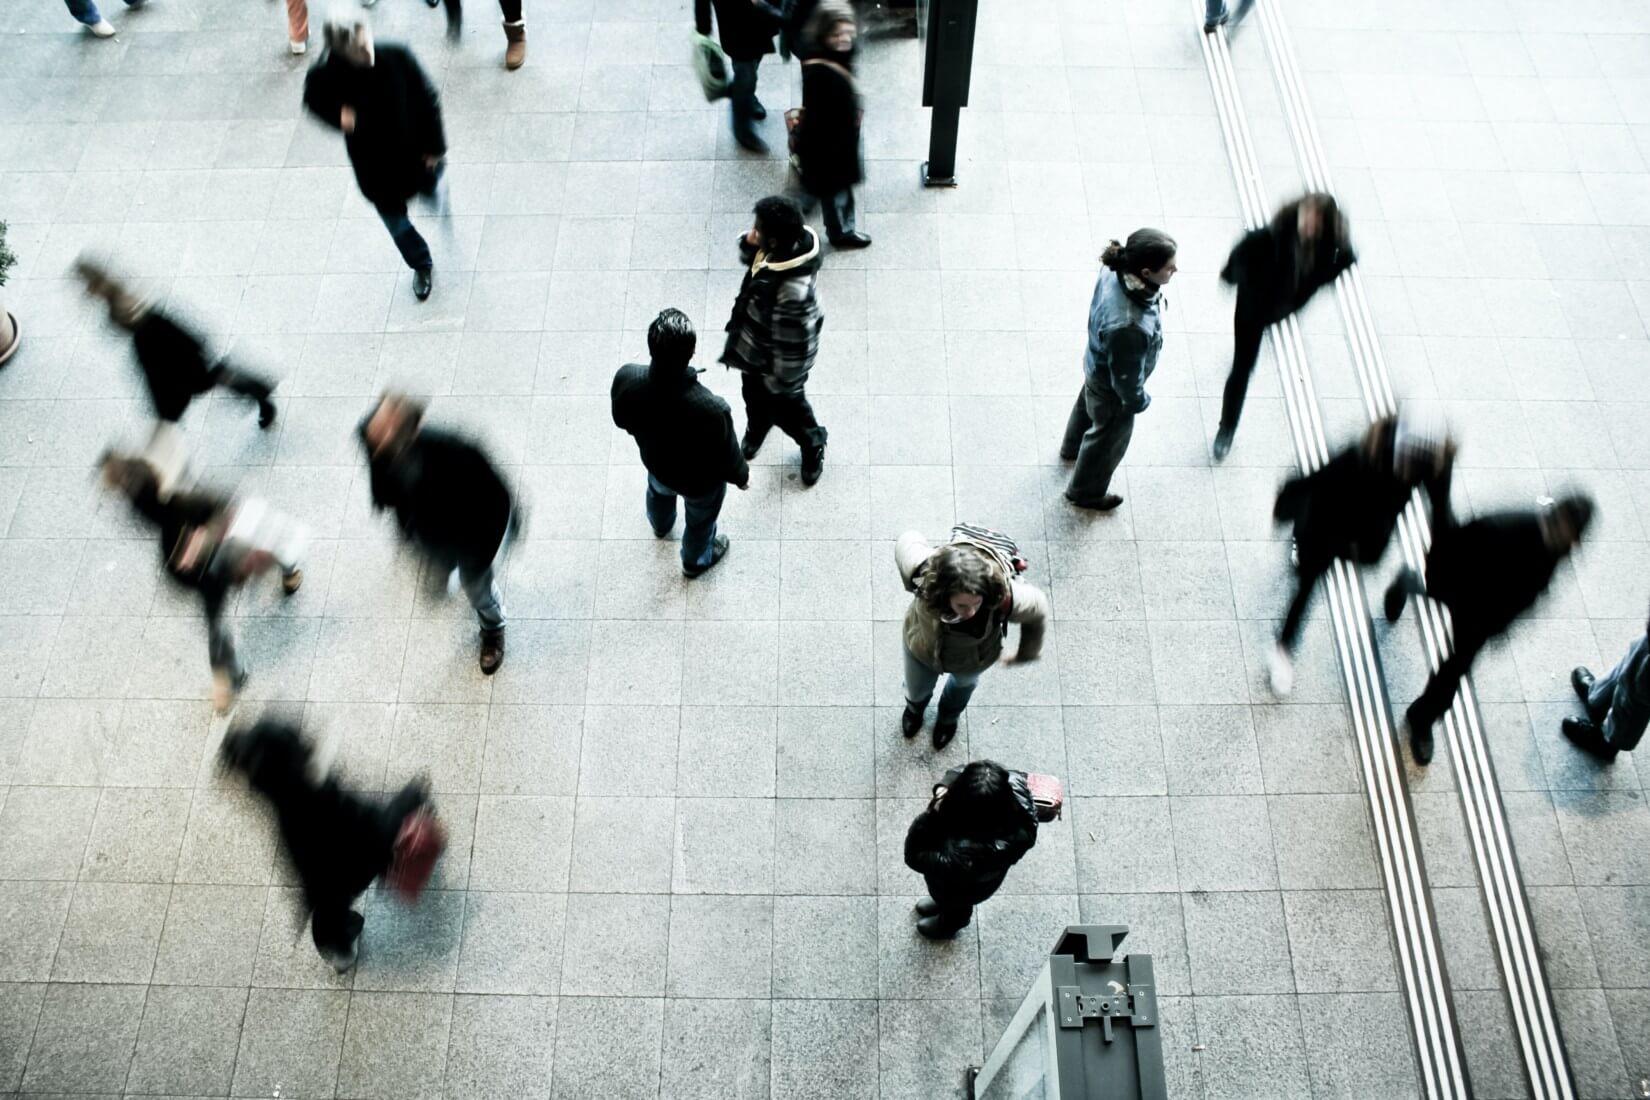 Ausschnitt einer Straße mit Menschen von oben